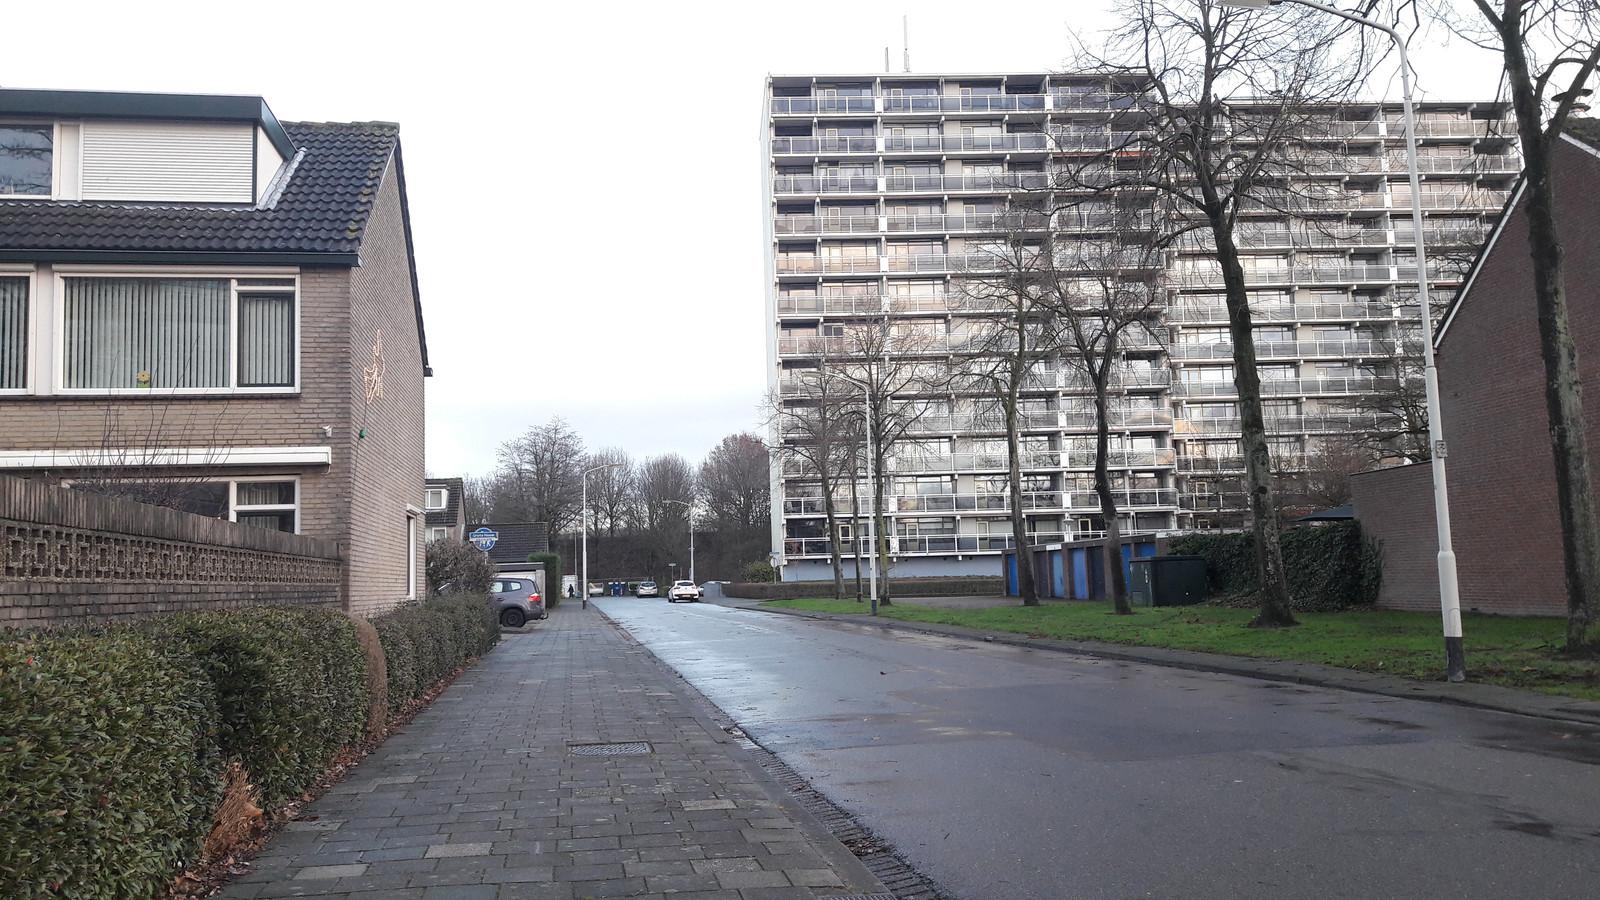 Wijk Heusdenhout in Breda, wijkbewoners kunnen zich uitspreken in enquete, onder meer over weinig sociale controle en slecht verlichte parkeerplekken.